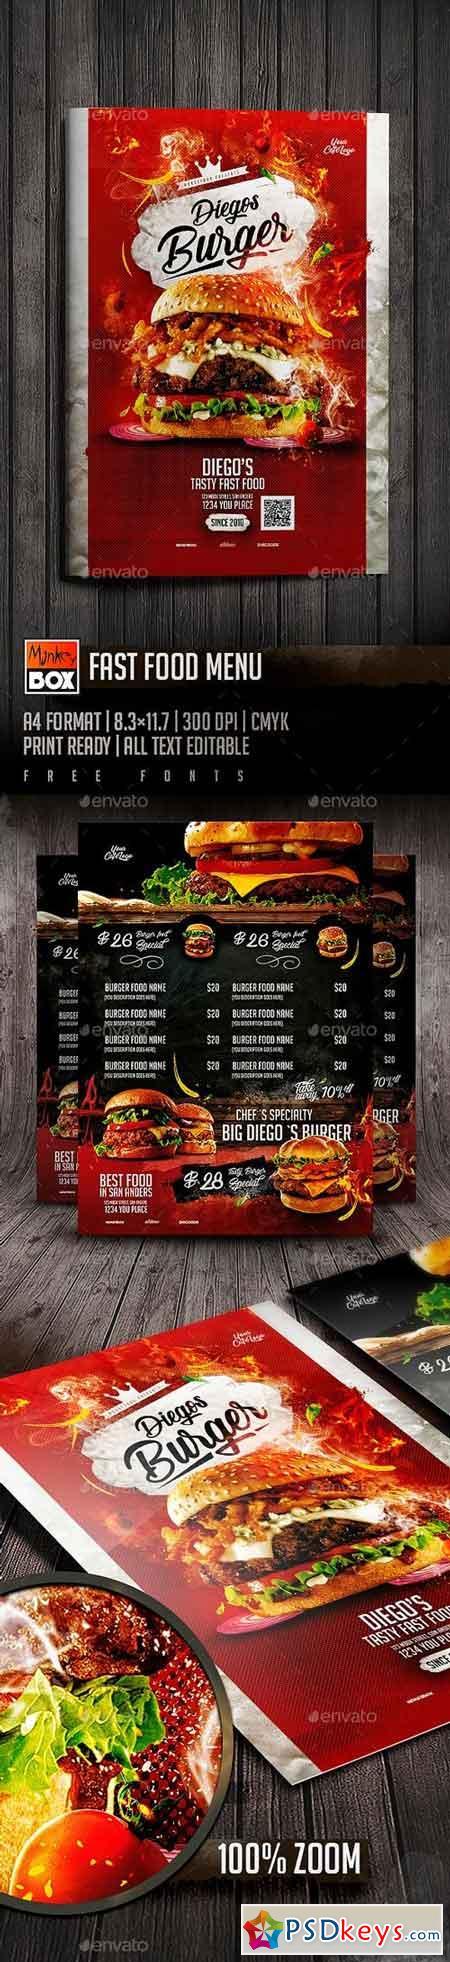 Fast Food Menu 19694656